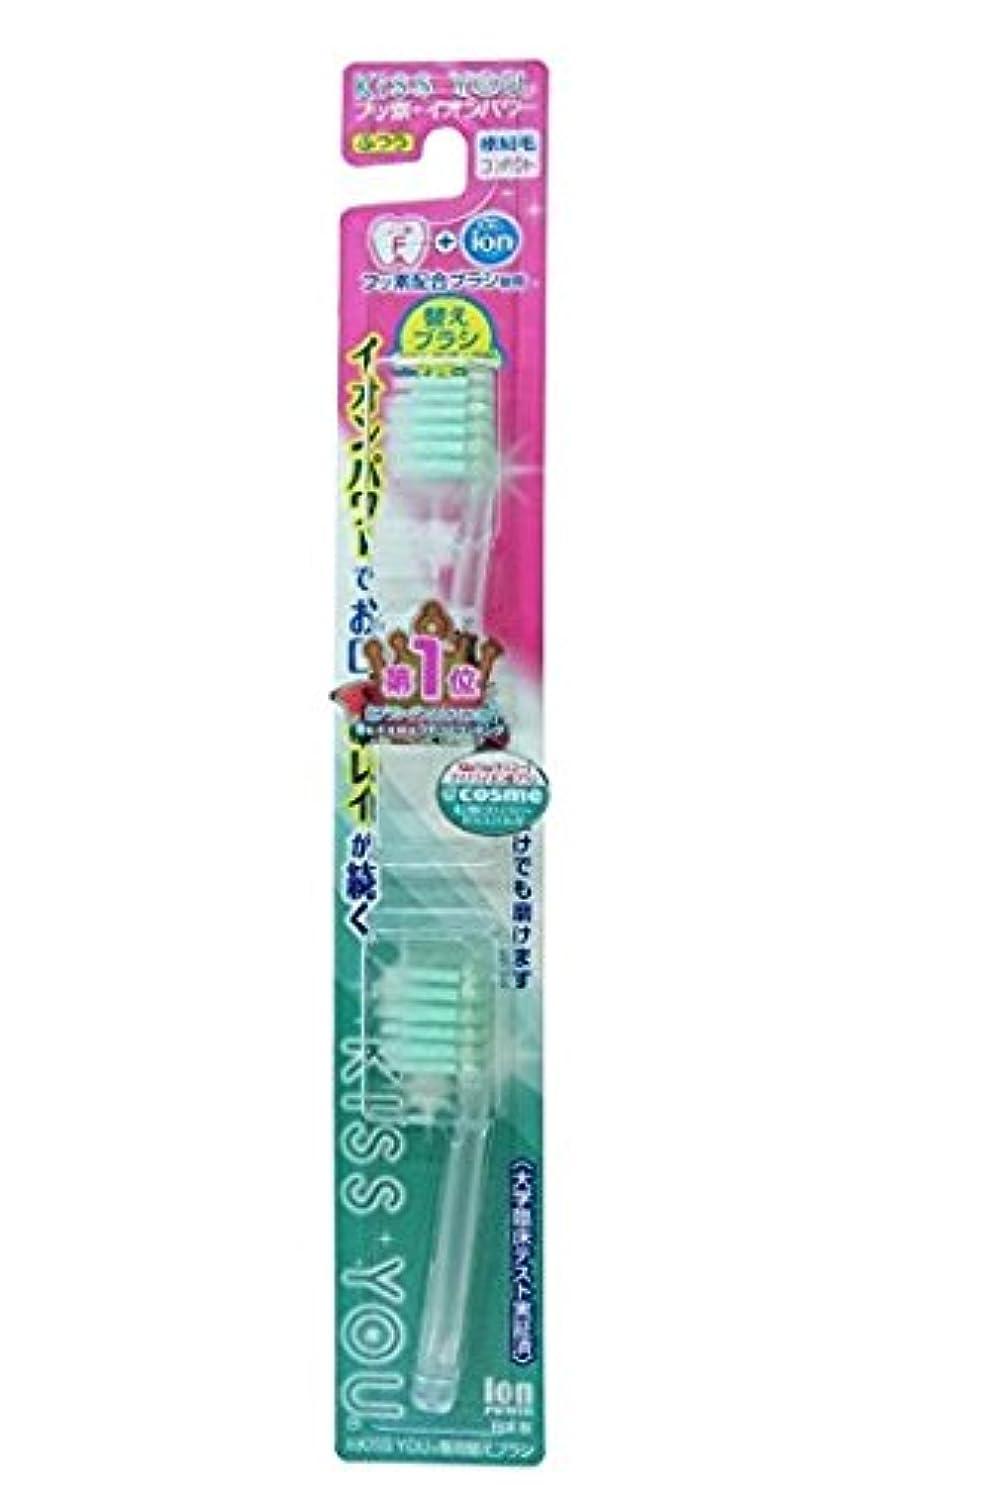 フッ素イオン歯ブラシ極細コンパクト替えブラシふつう × 6個セット